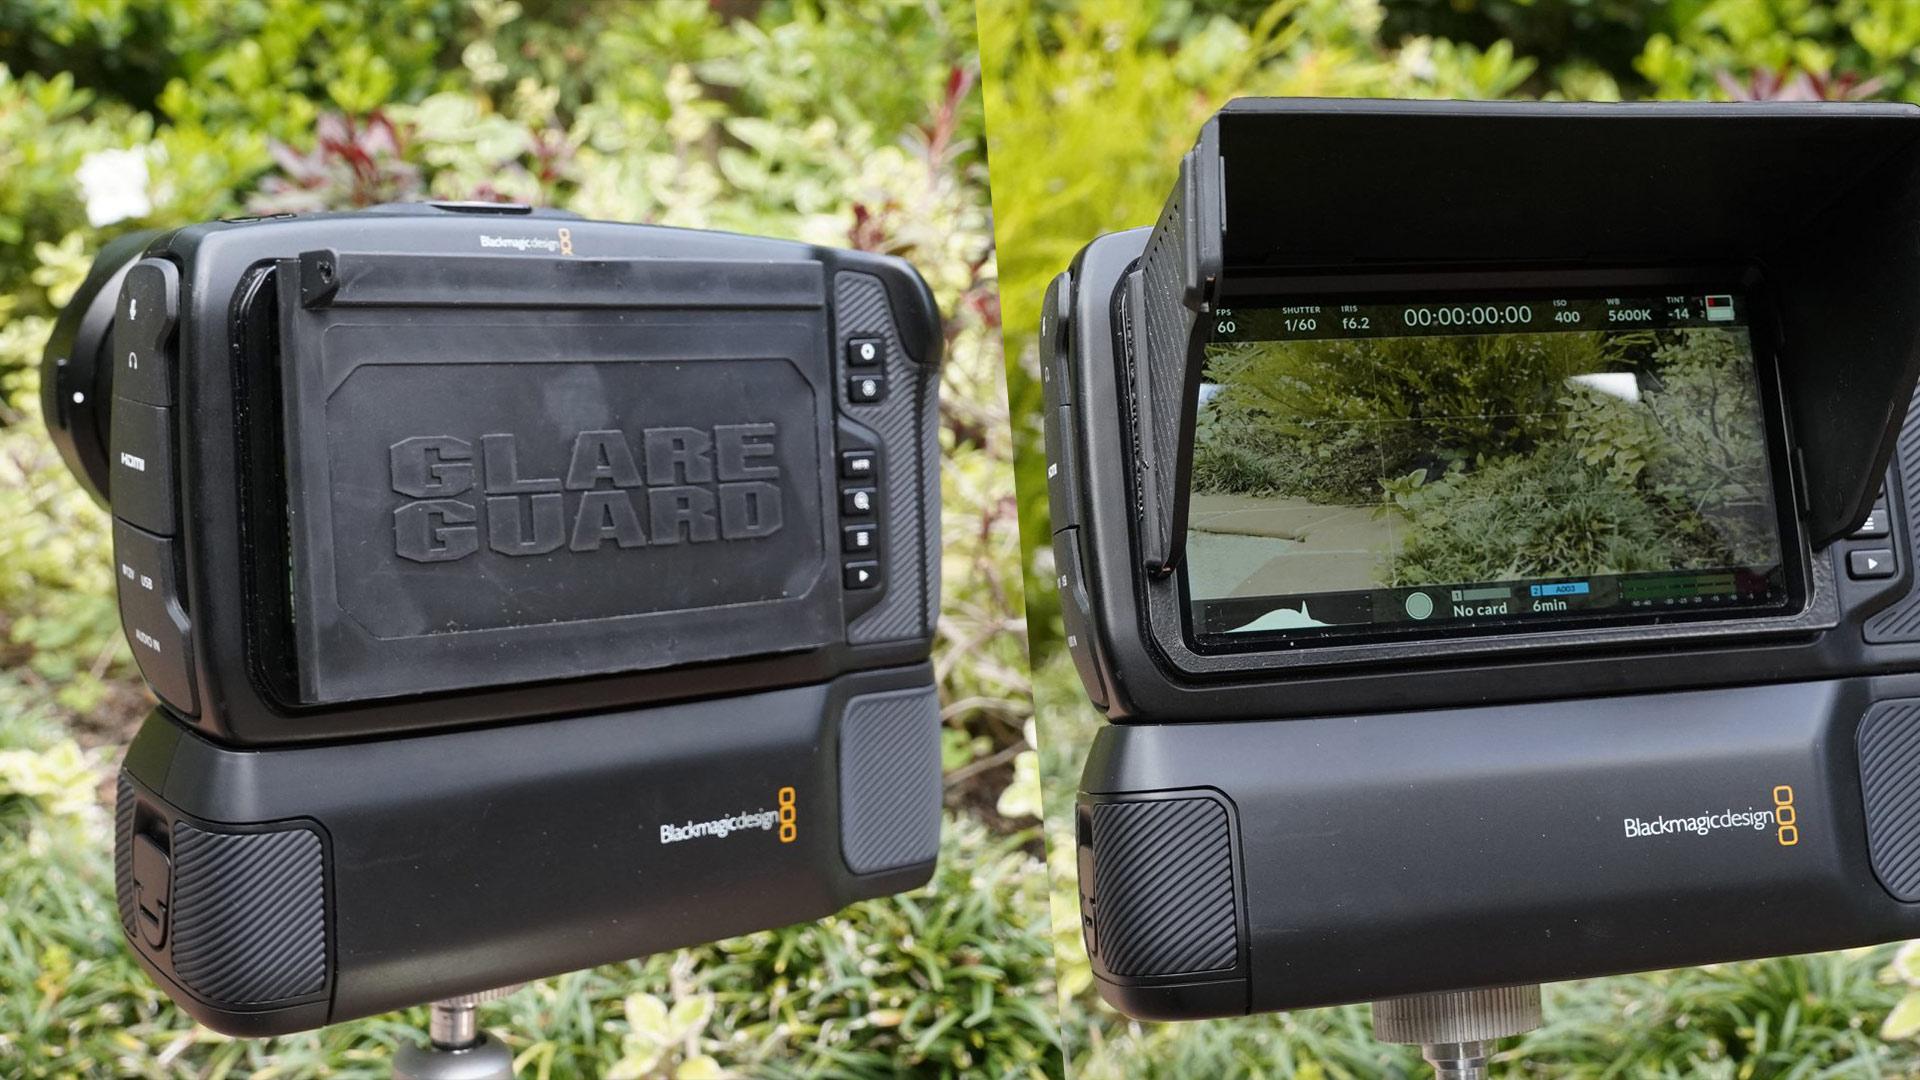 Ocean Video GlareGuard 5.0 - Parasol plegable para cámaras BMPCC 4K y 6K